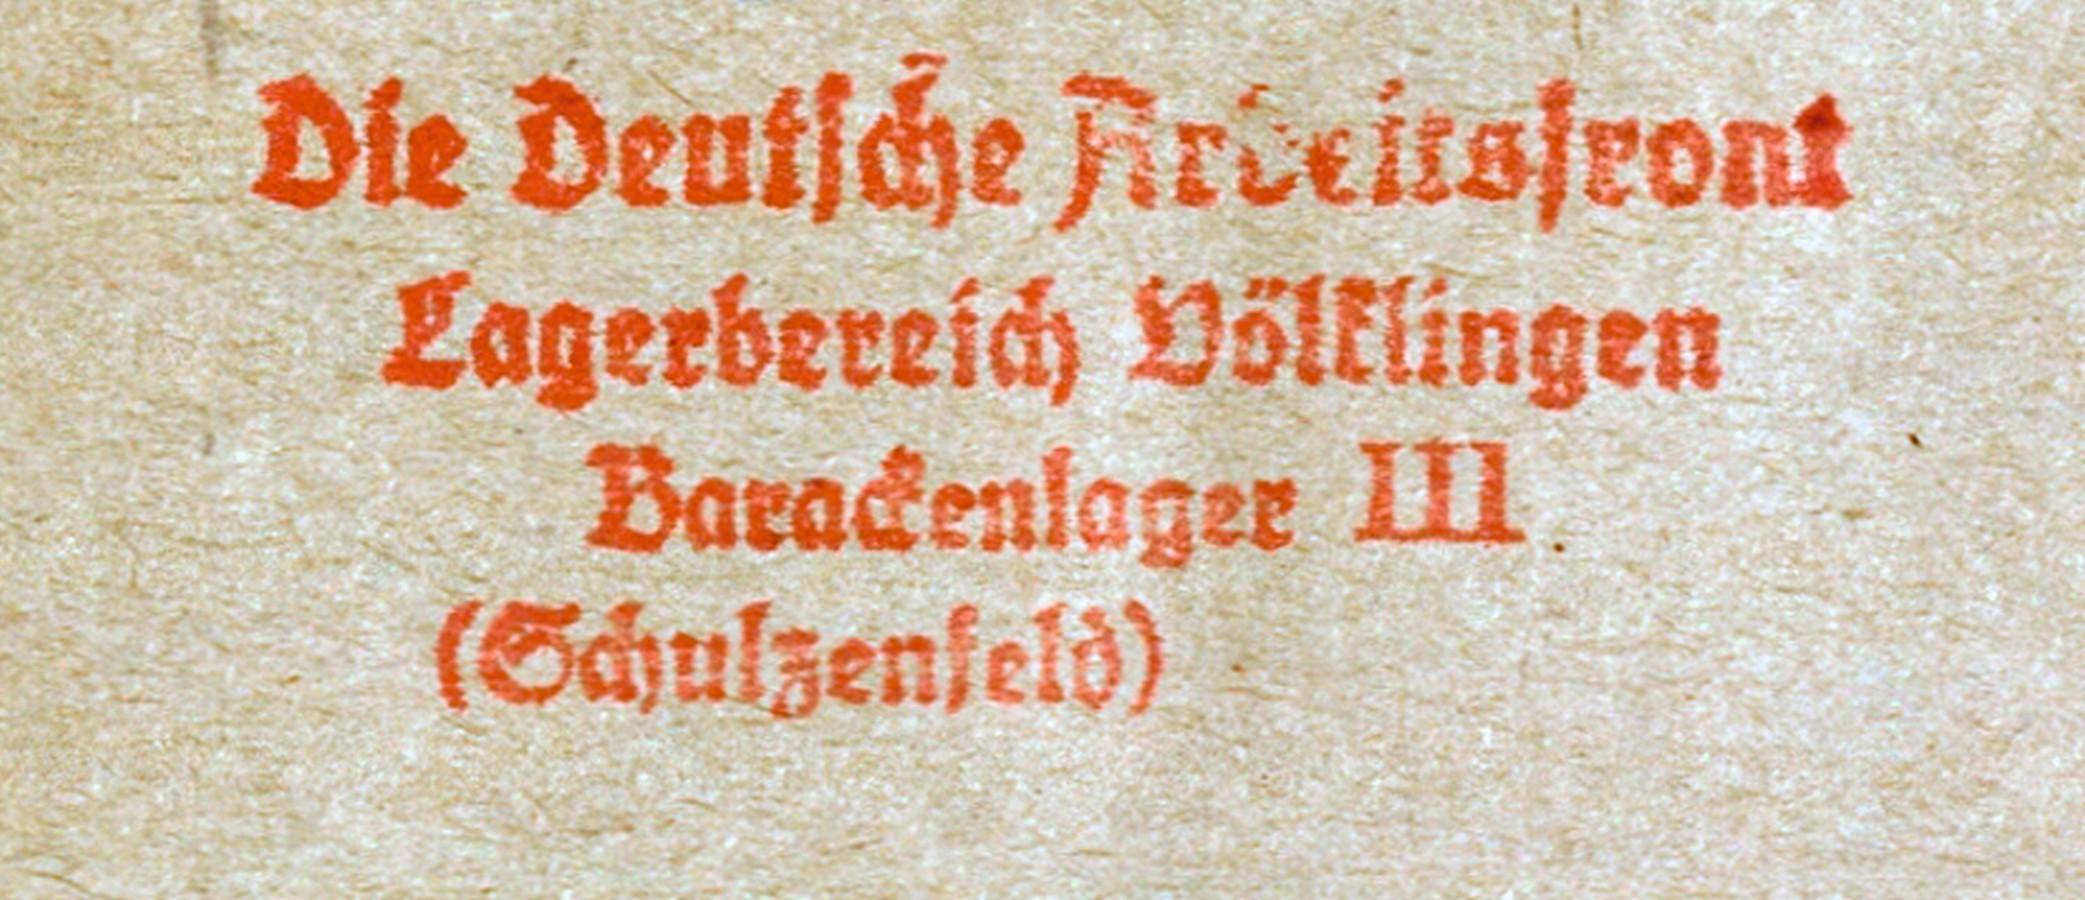 Stempel der DAF des Ausländerlagers Am Schulzenfeld.